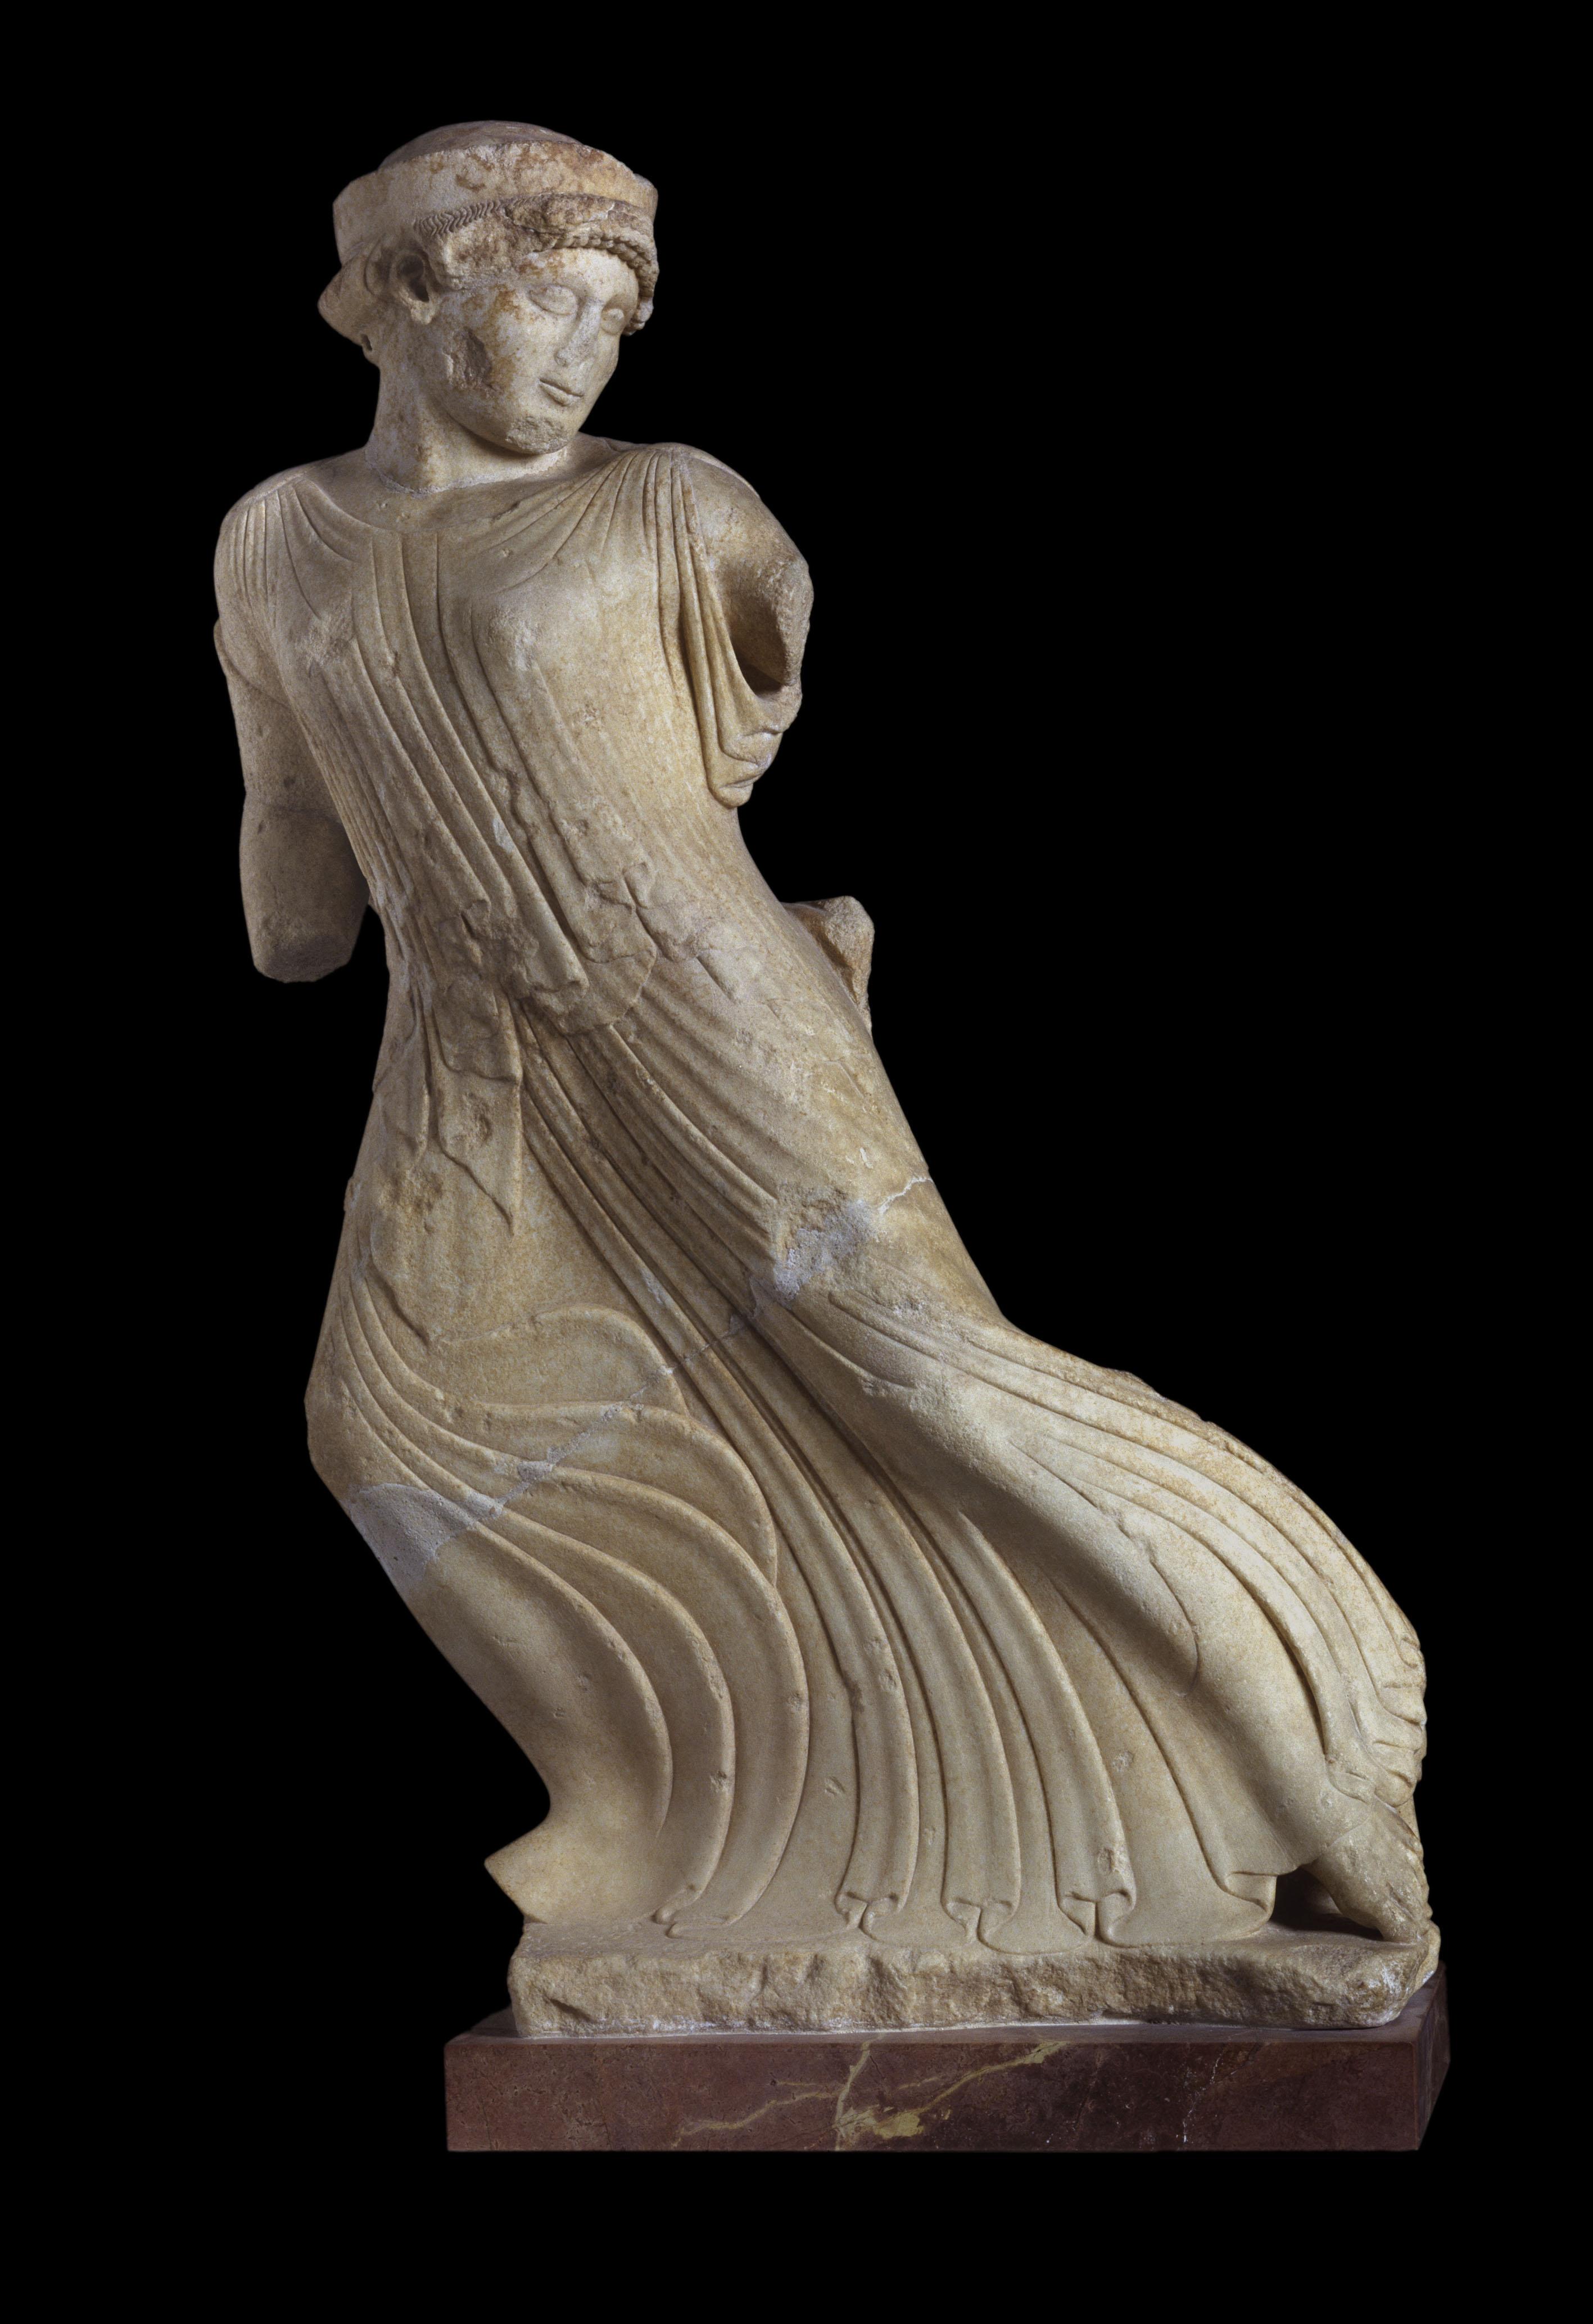 Η Φεύγουσα Περσεφόνη, 1ο μισό 5ου αιώνα π.Χ.